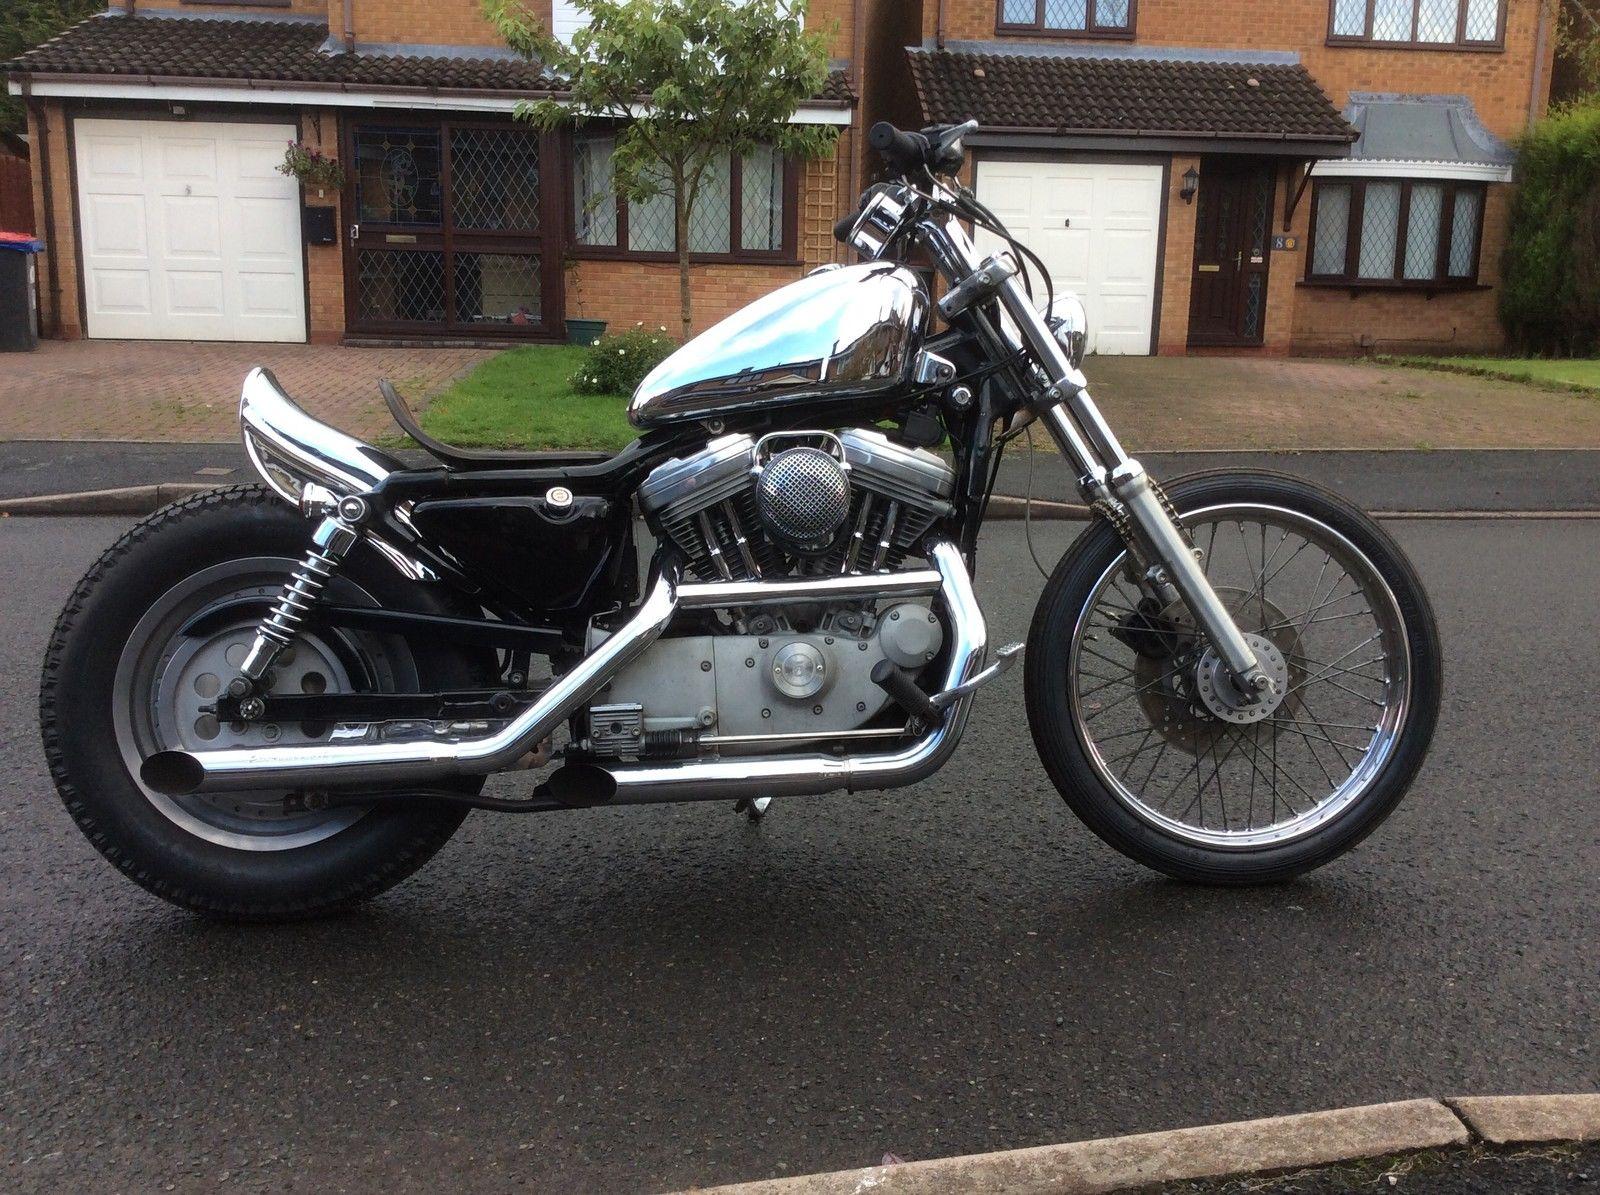 Harley Davidson Sportster Chopper Chop Bobber Brat Jap Style